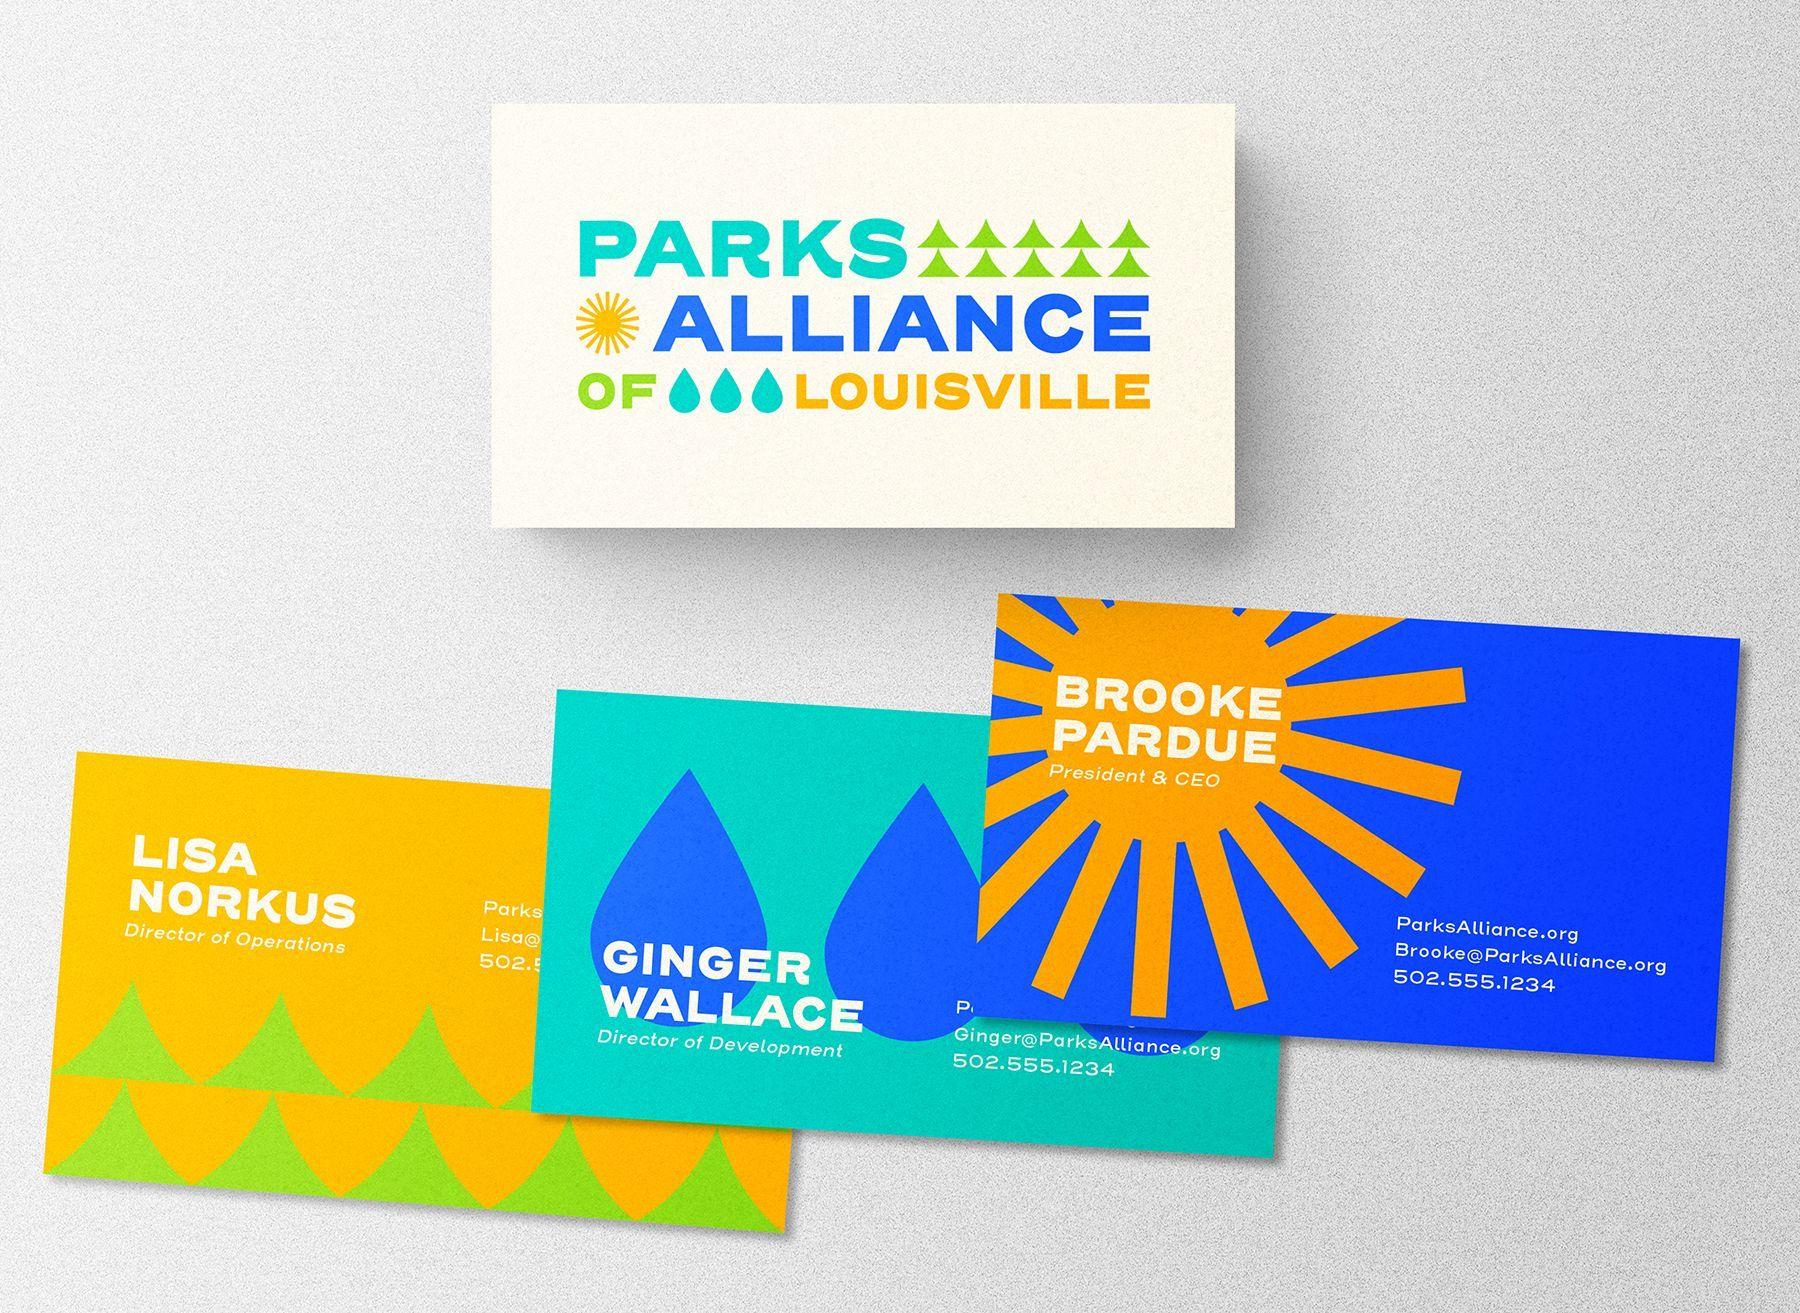 Parks Alliance of Louisville